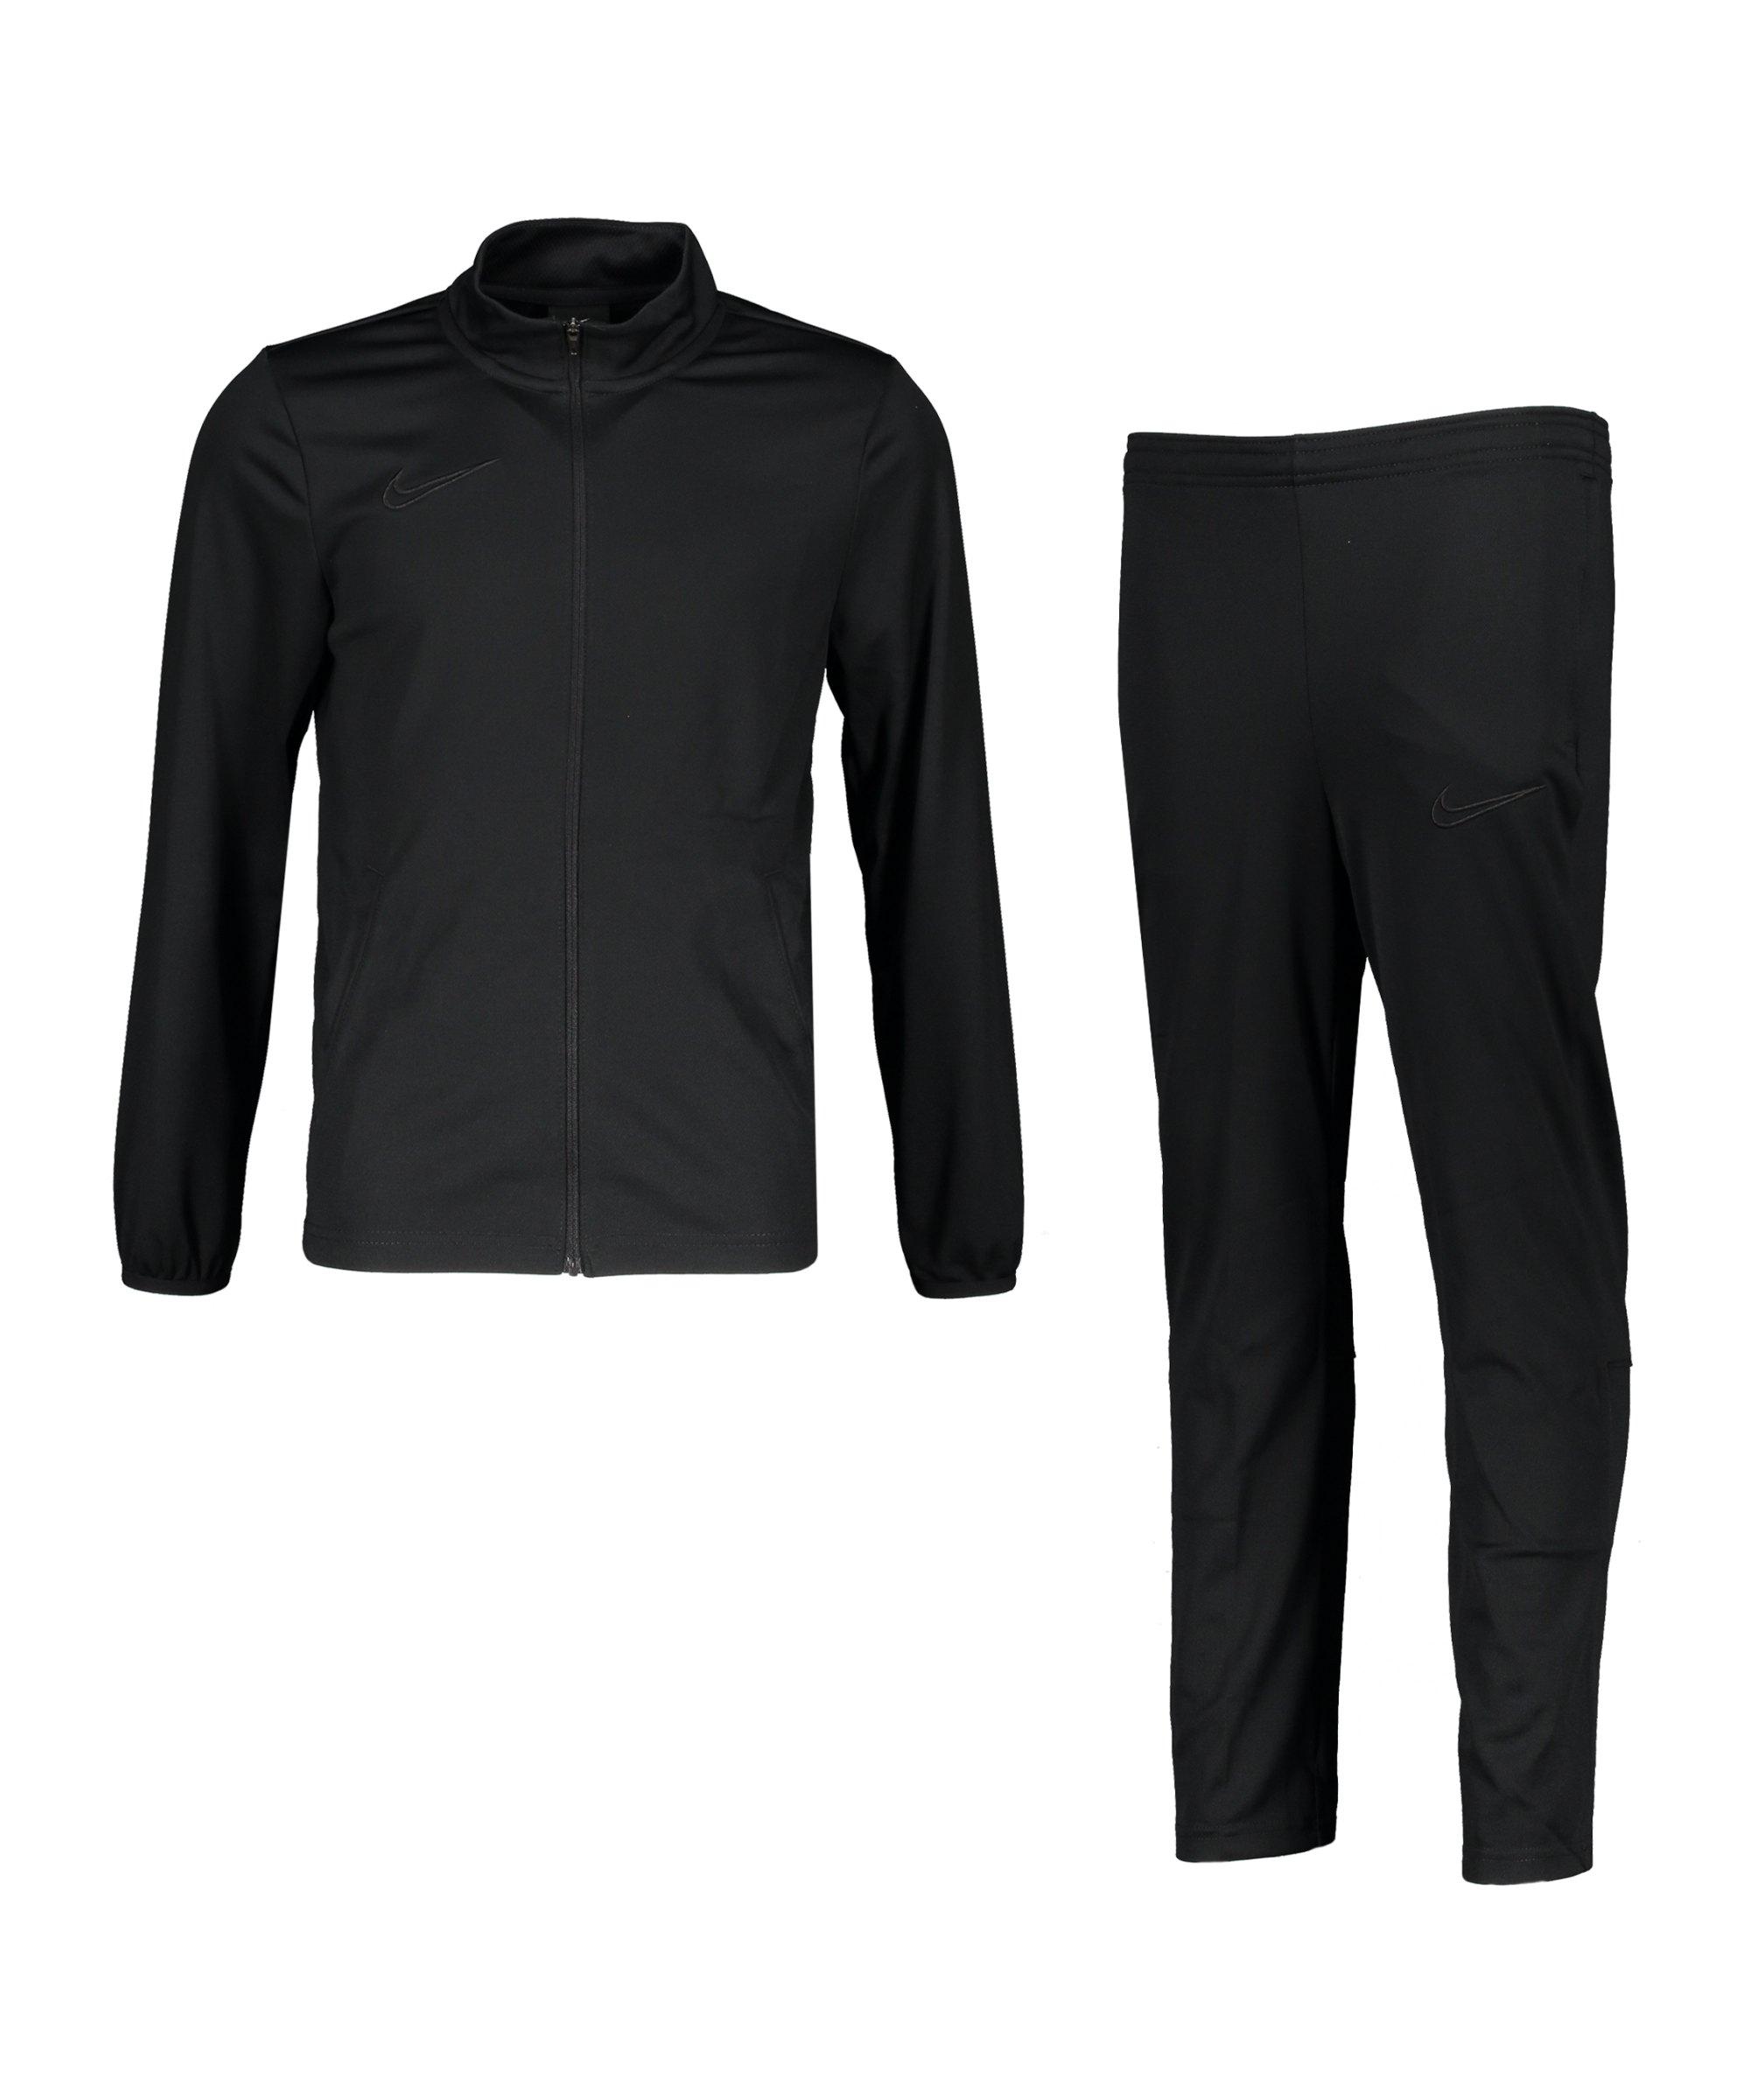 Nike Academy 21 Trainingsanzug Kids F011 - schwarz